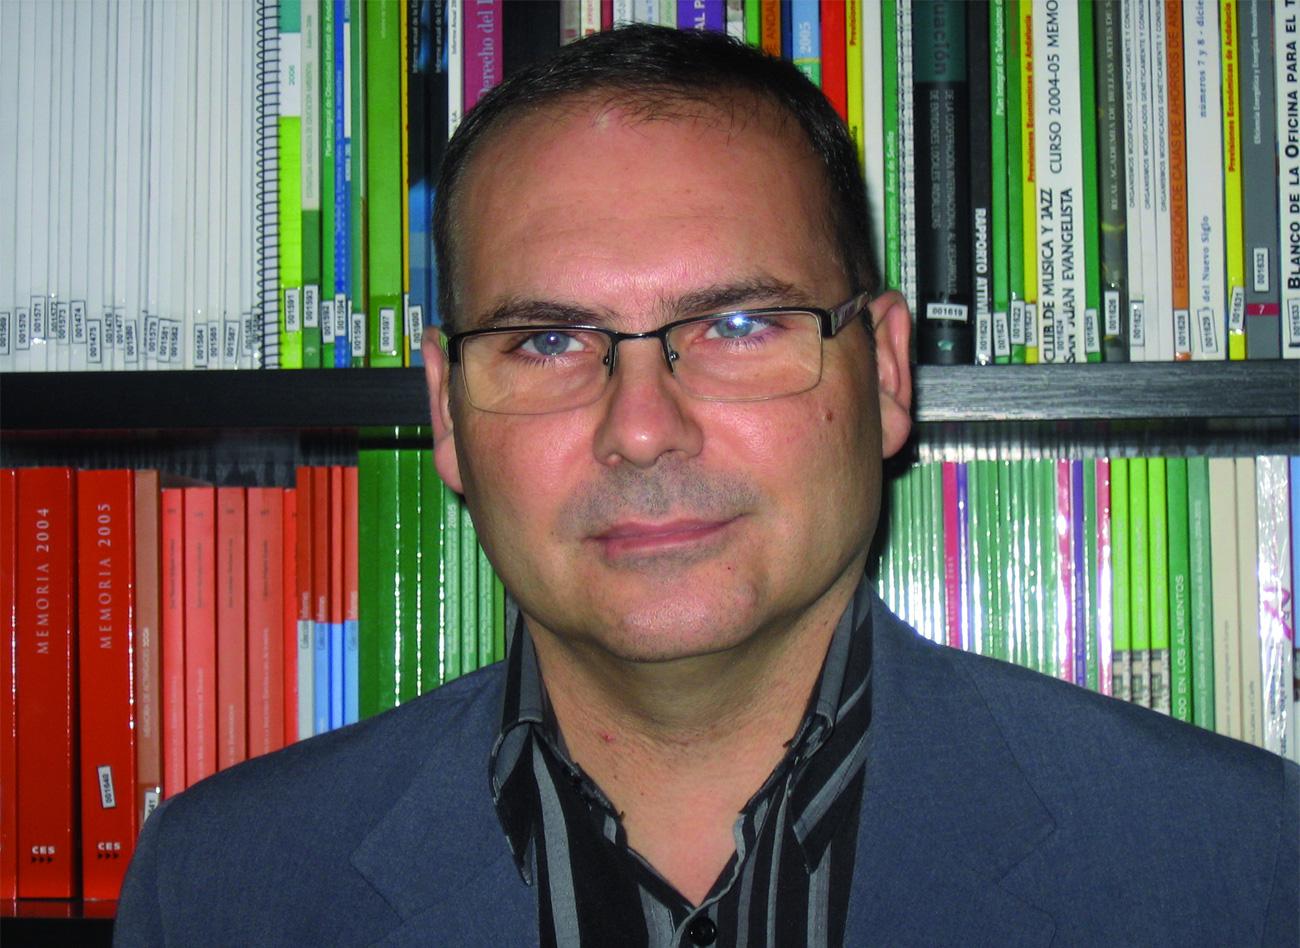 El presidente de UCA-UCE, Juan Moreno, ocultó sus deudas para acceder a una subvención de 128.000 euros